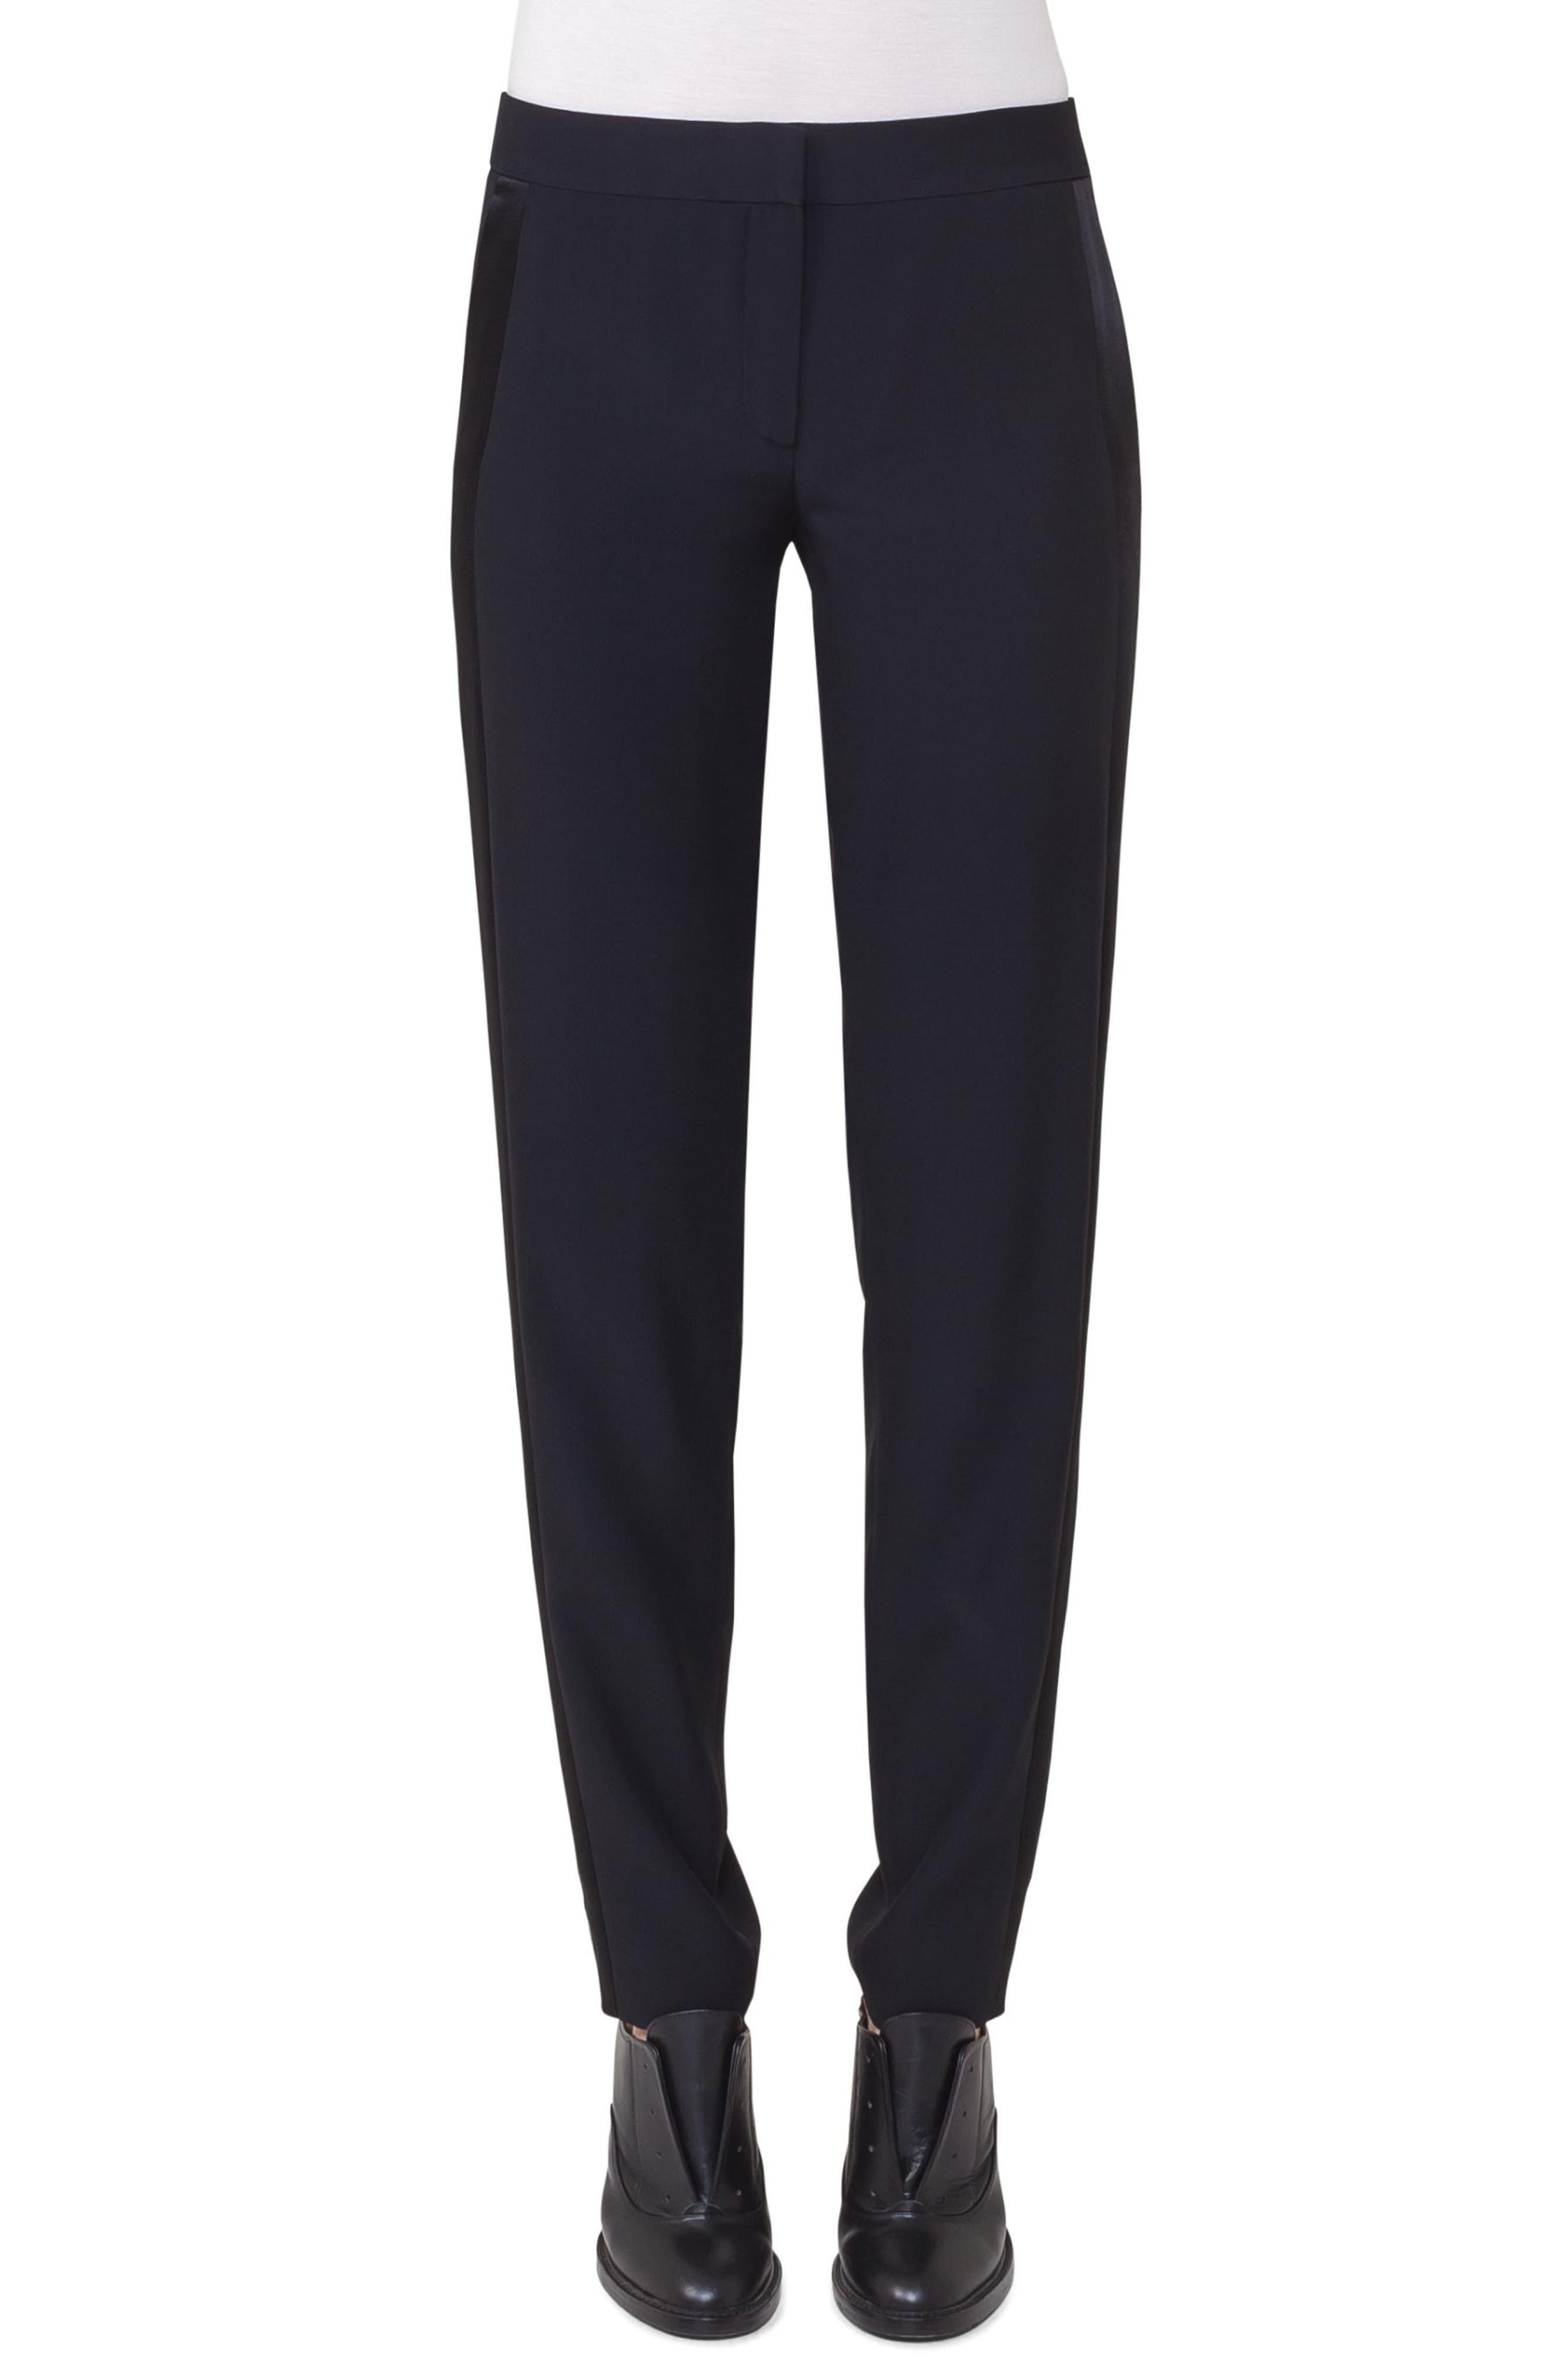 Fayola Pants,                         Main,                         color, Black